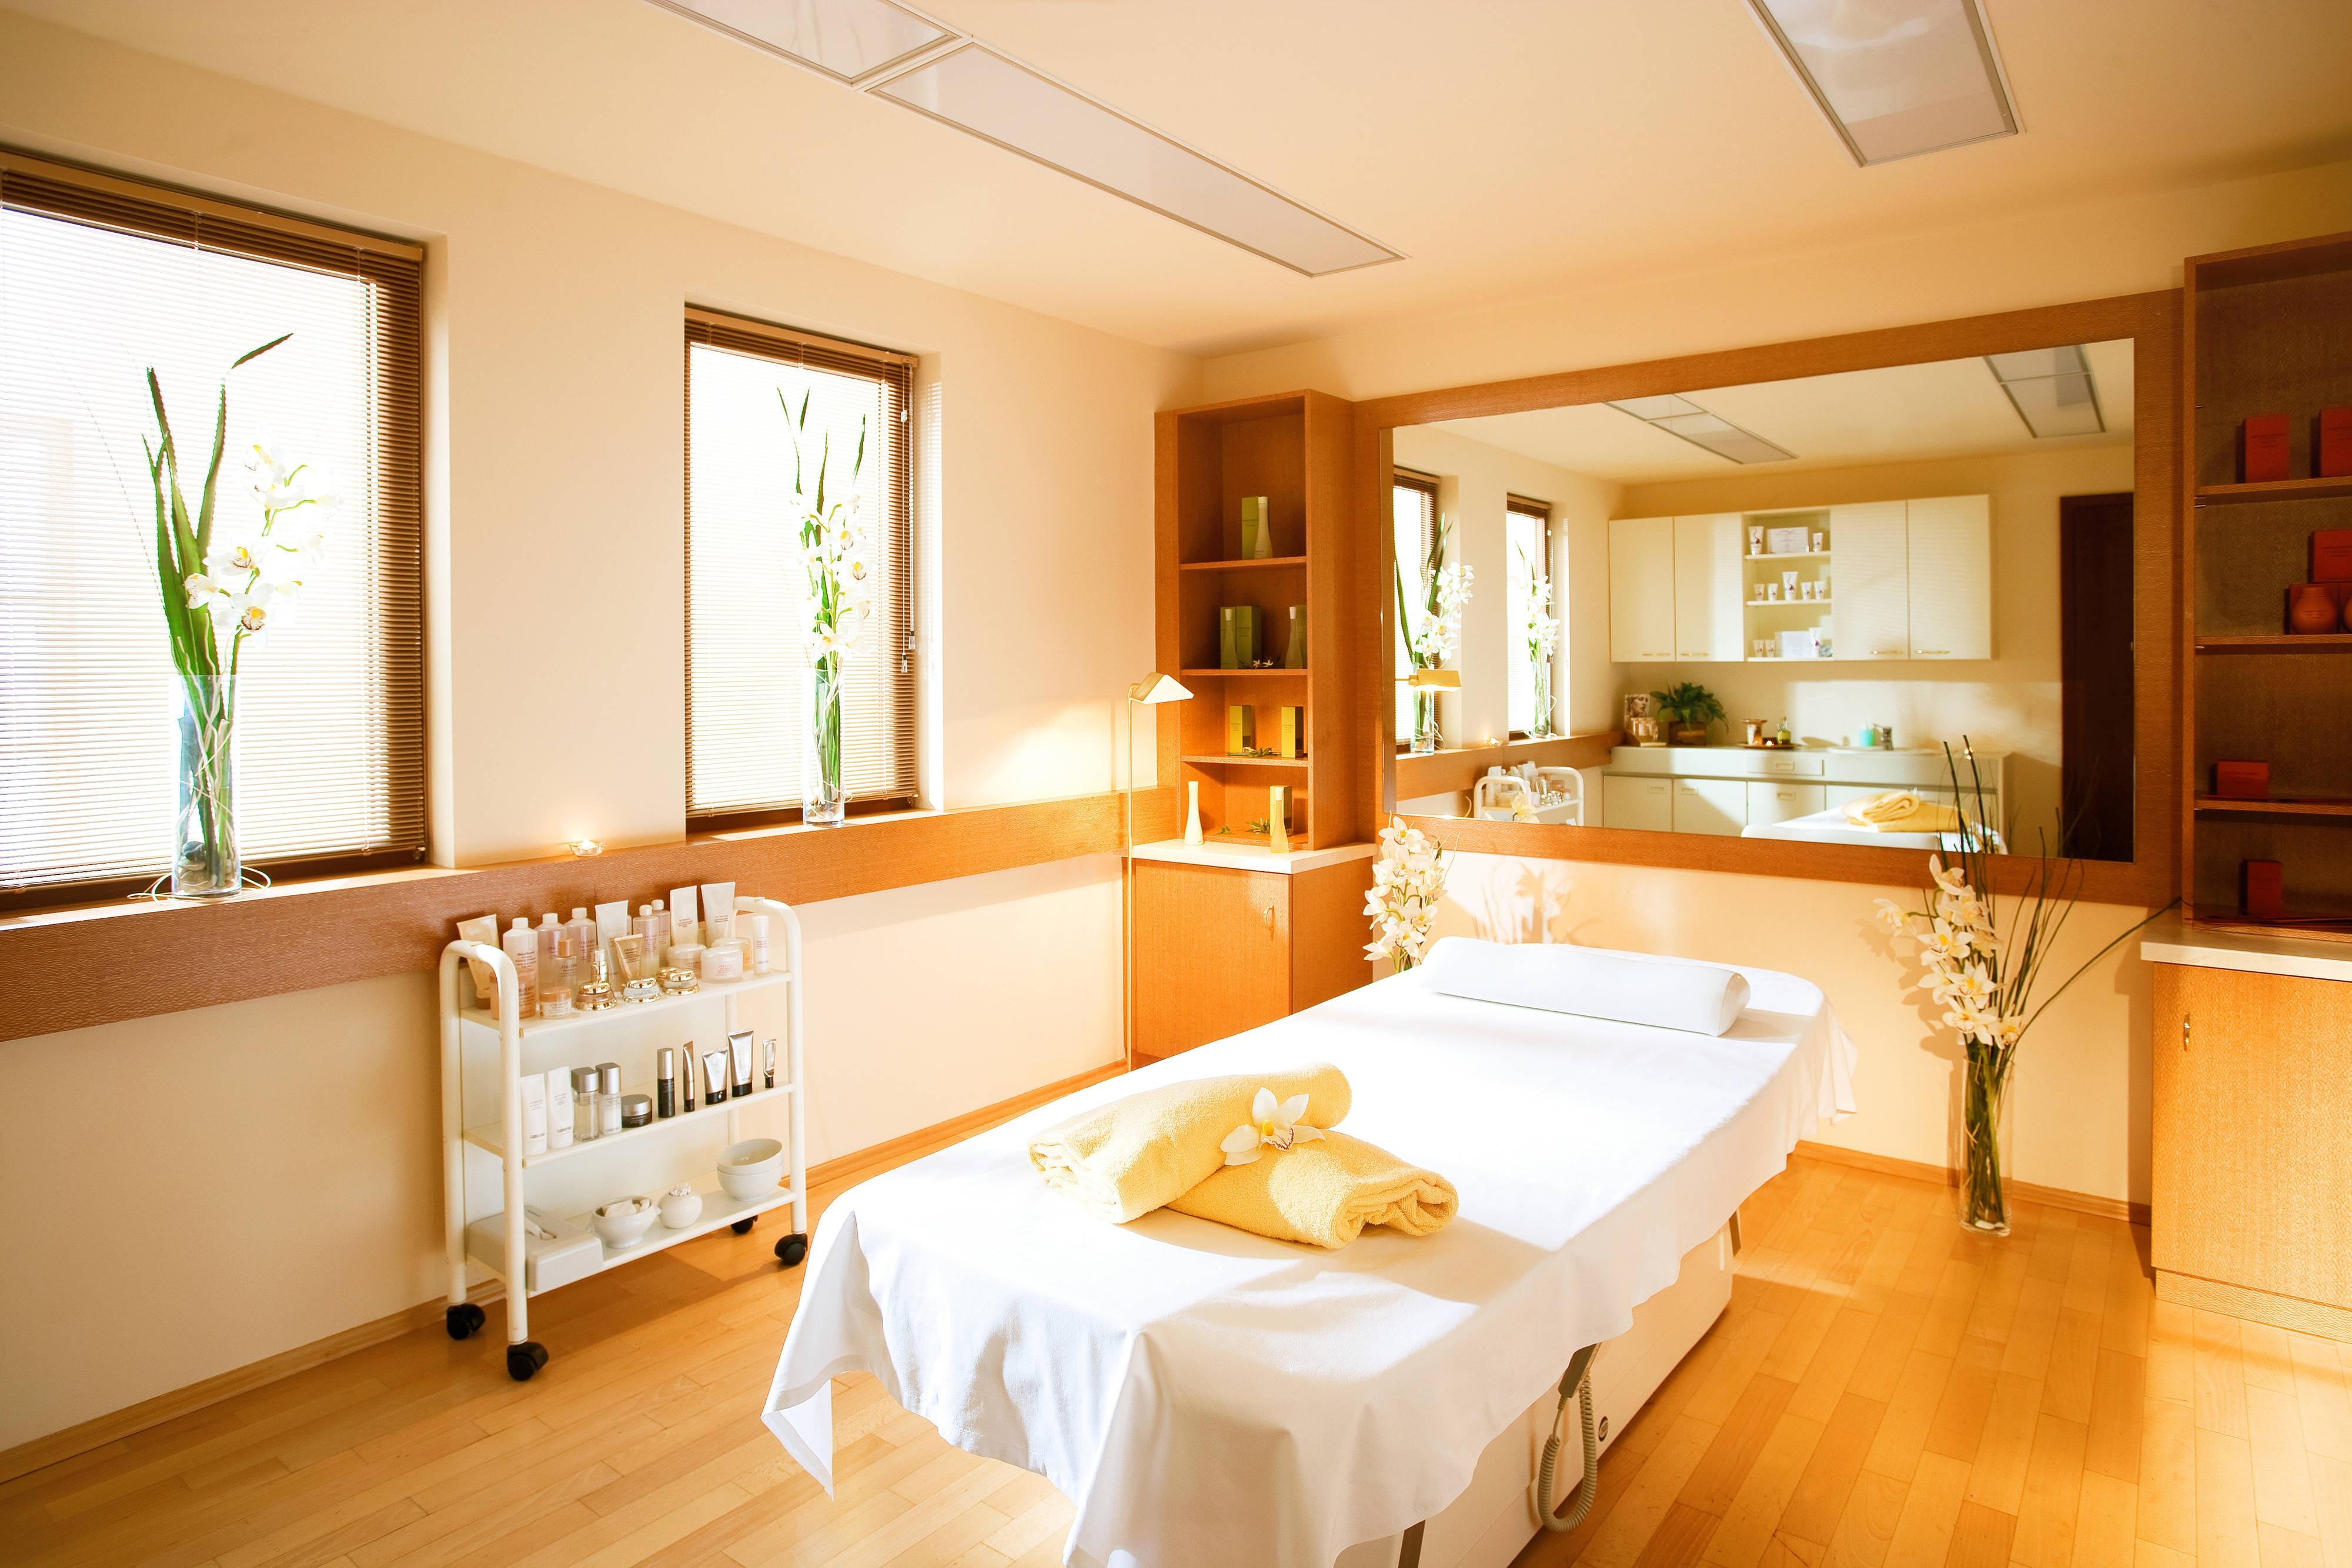 Jagdhof Wellness Behandlungsraum / Treatment Room